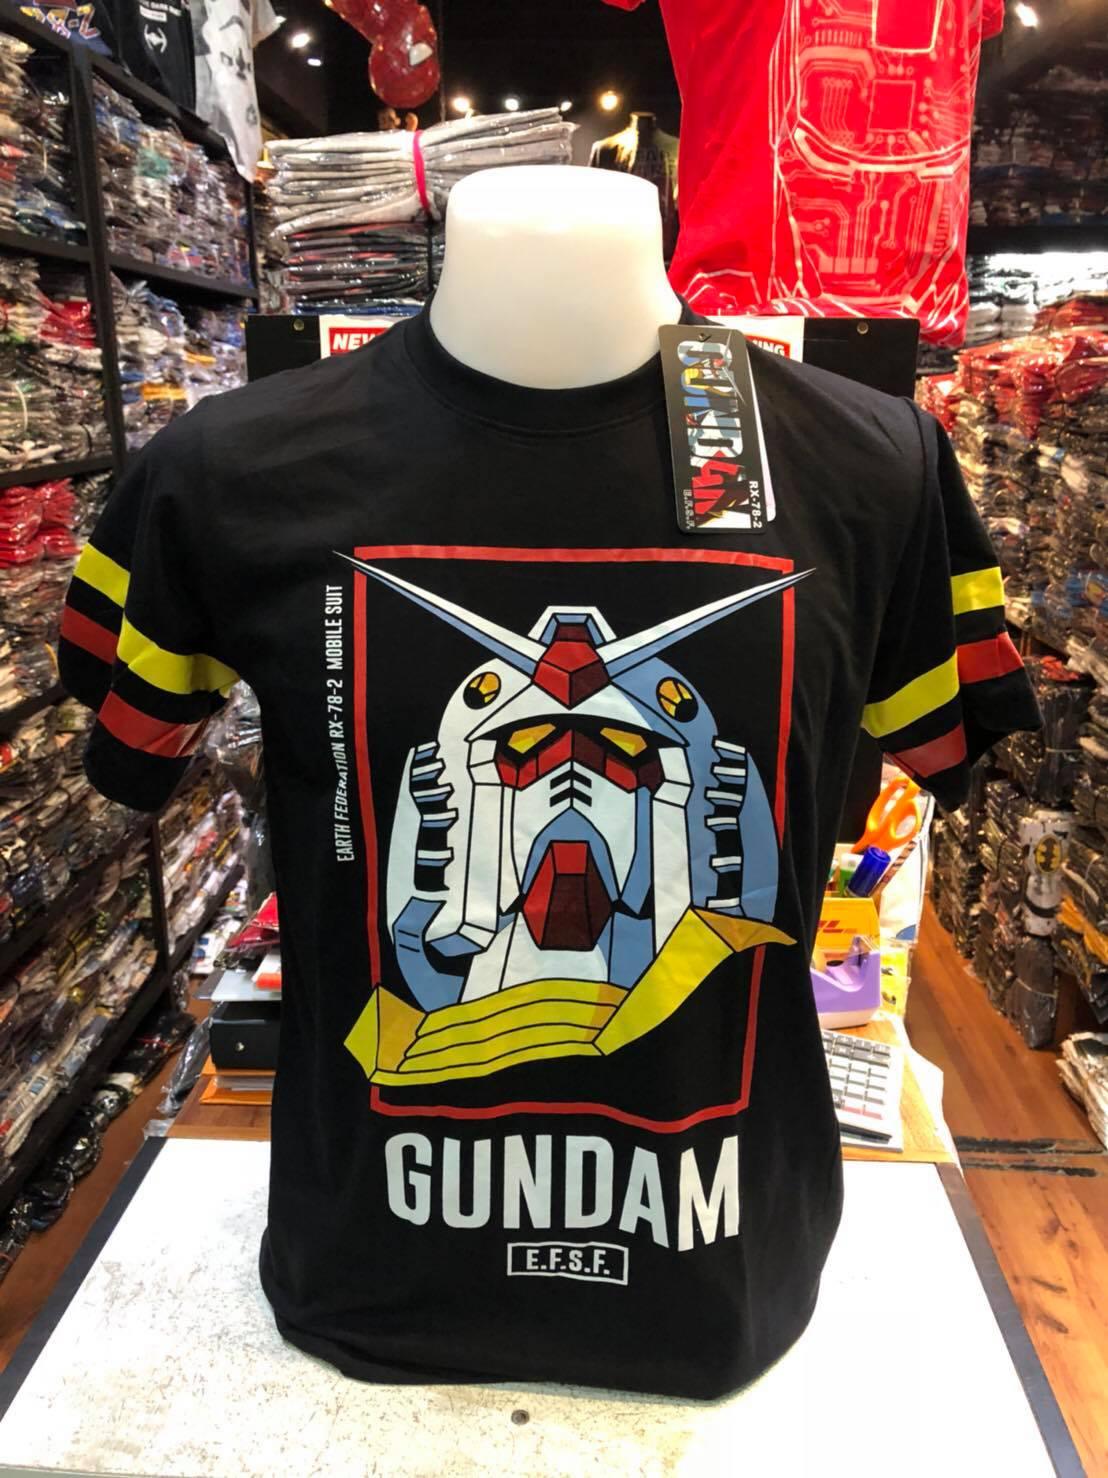 กันดั้ม สีดำ (Gundam face E.F.S.F Black CODE:1075)